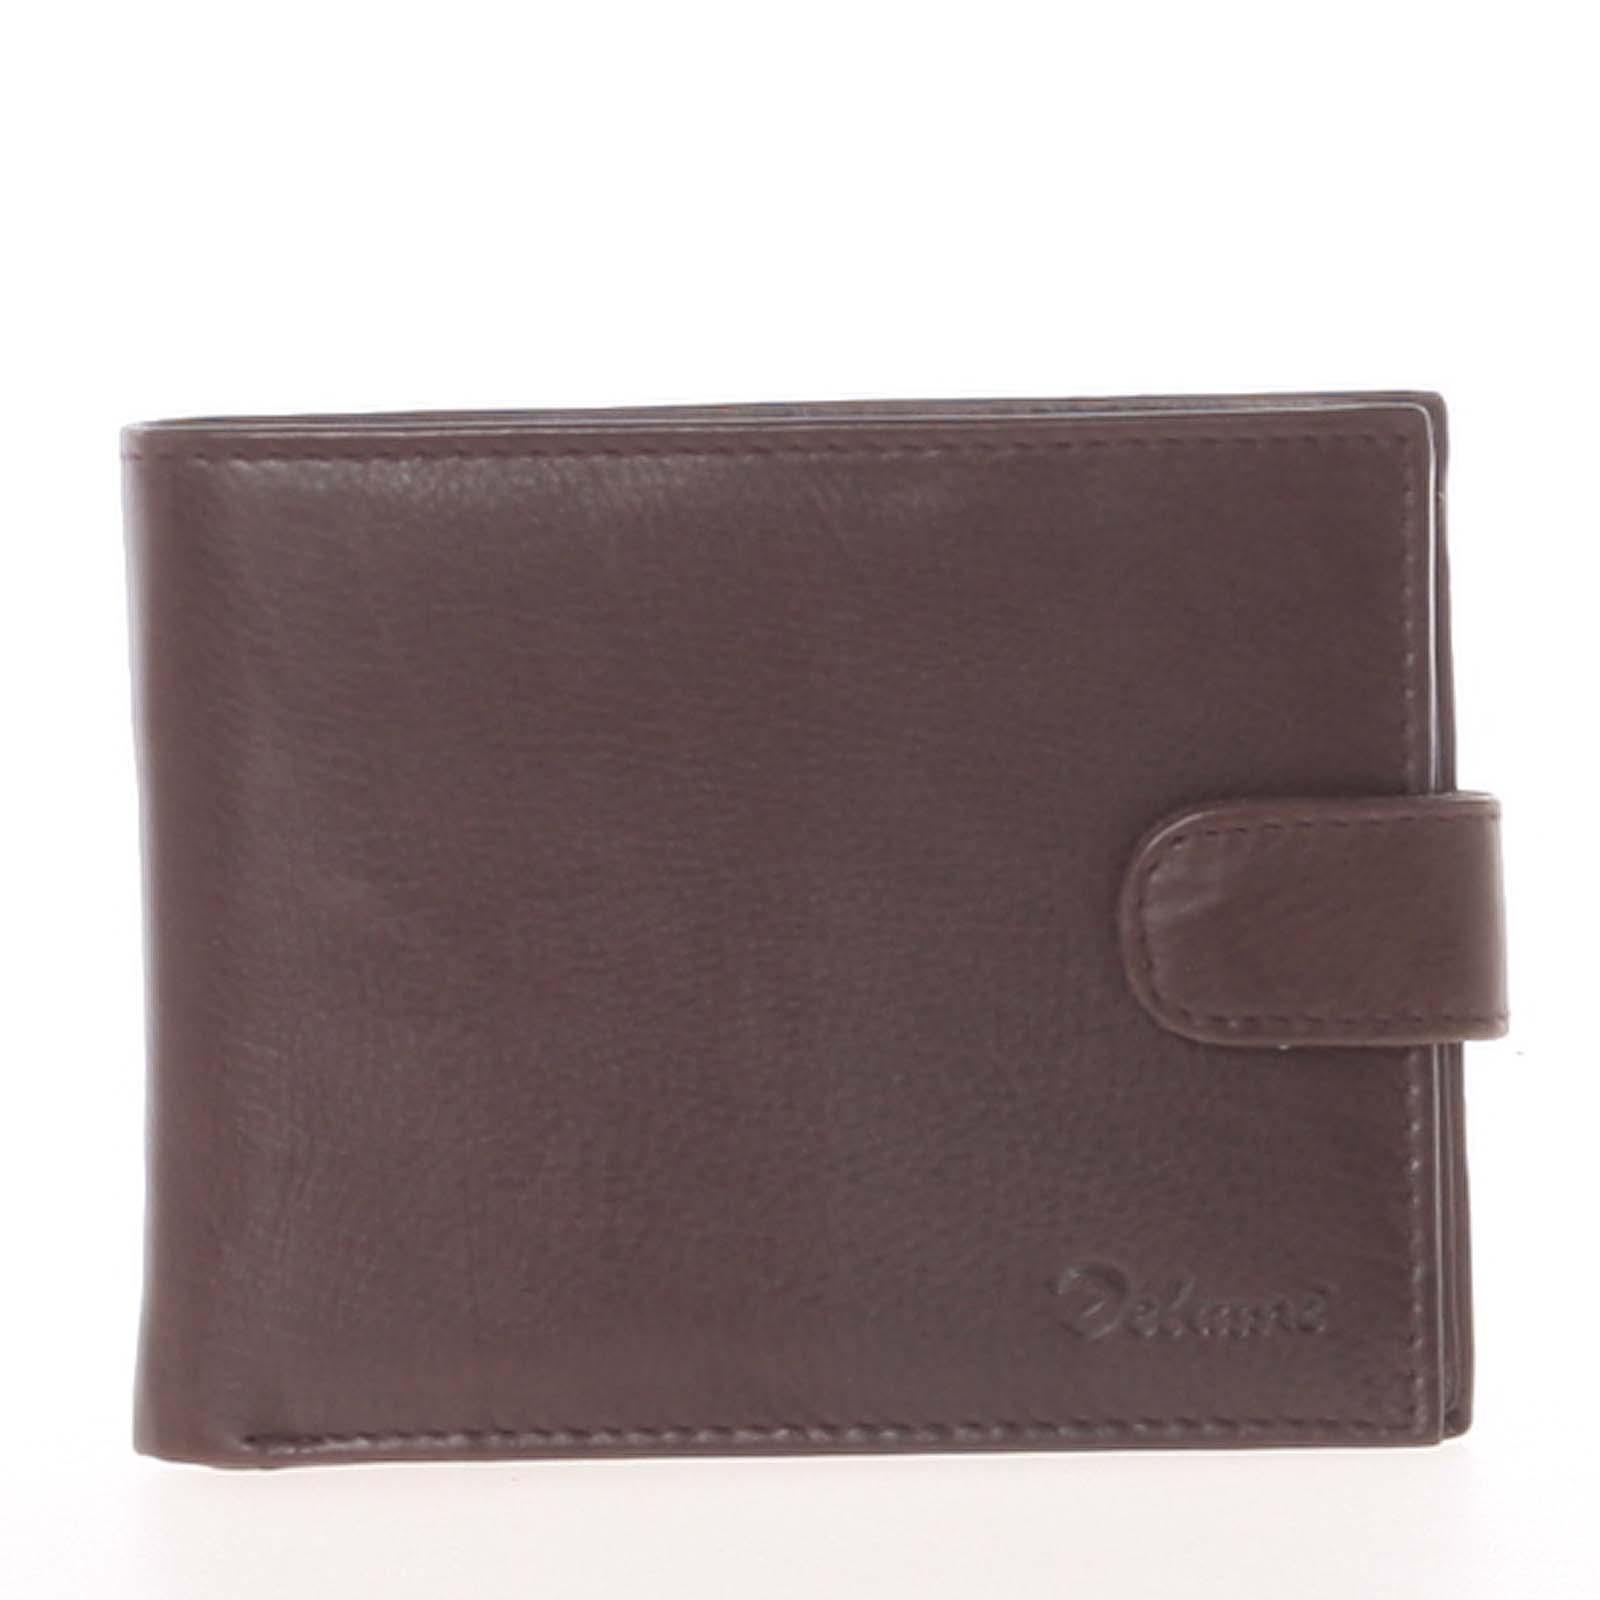 Pánská kožená tmavě hnědá peněženka - Delami 8945